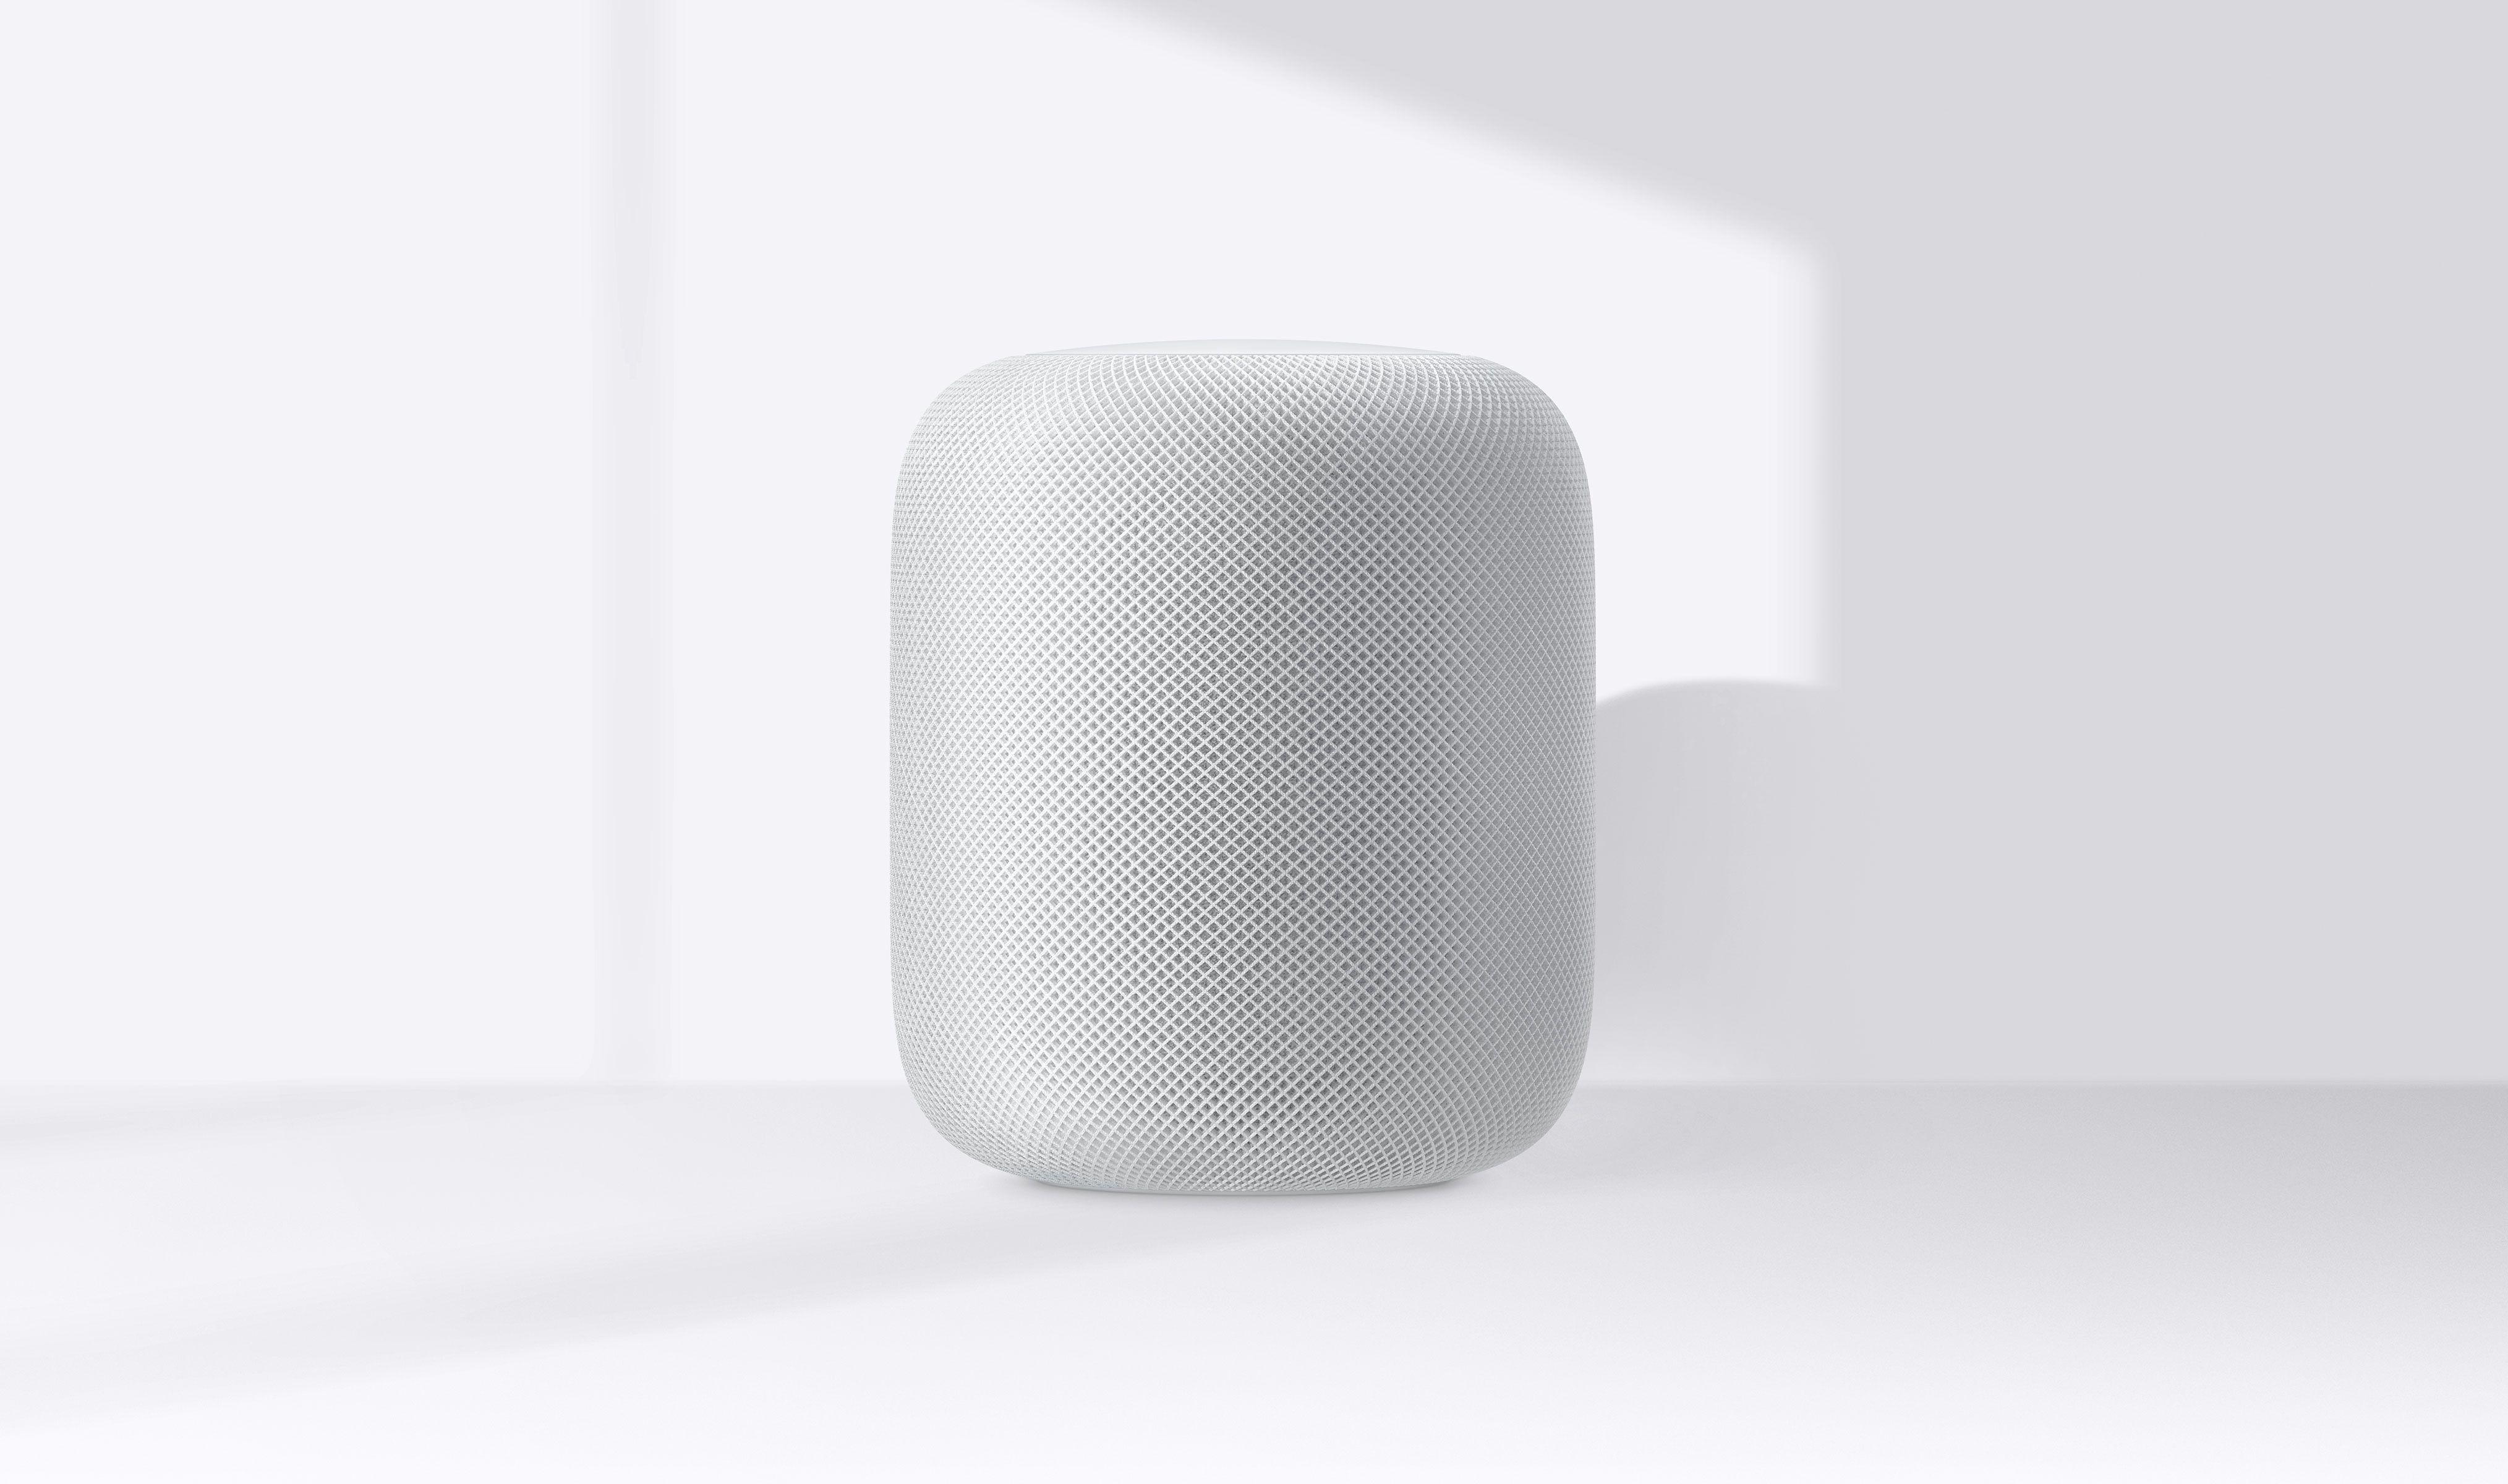 L'enceinte HomePod d'Apple devrait bientôt permettre les appels téléphoniques 1